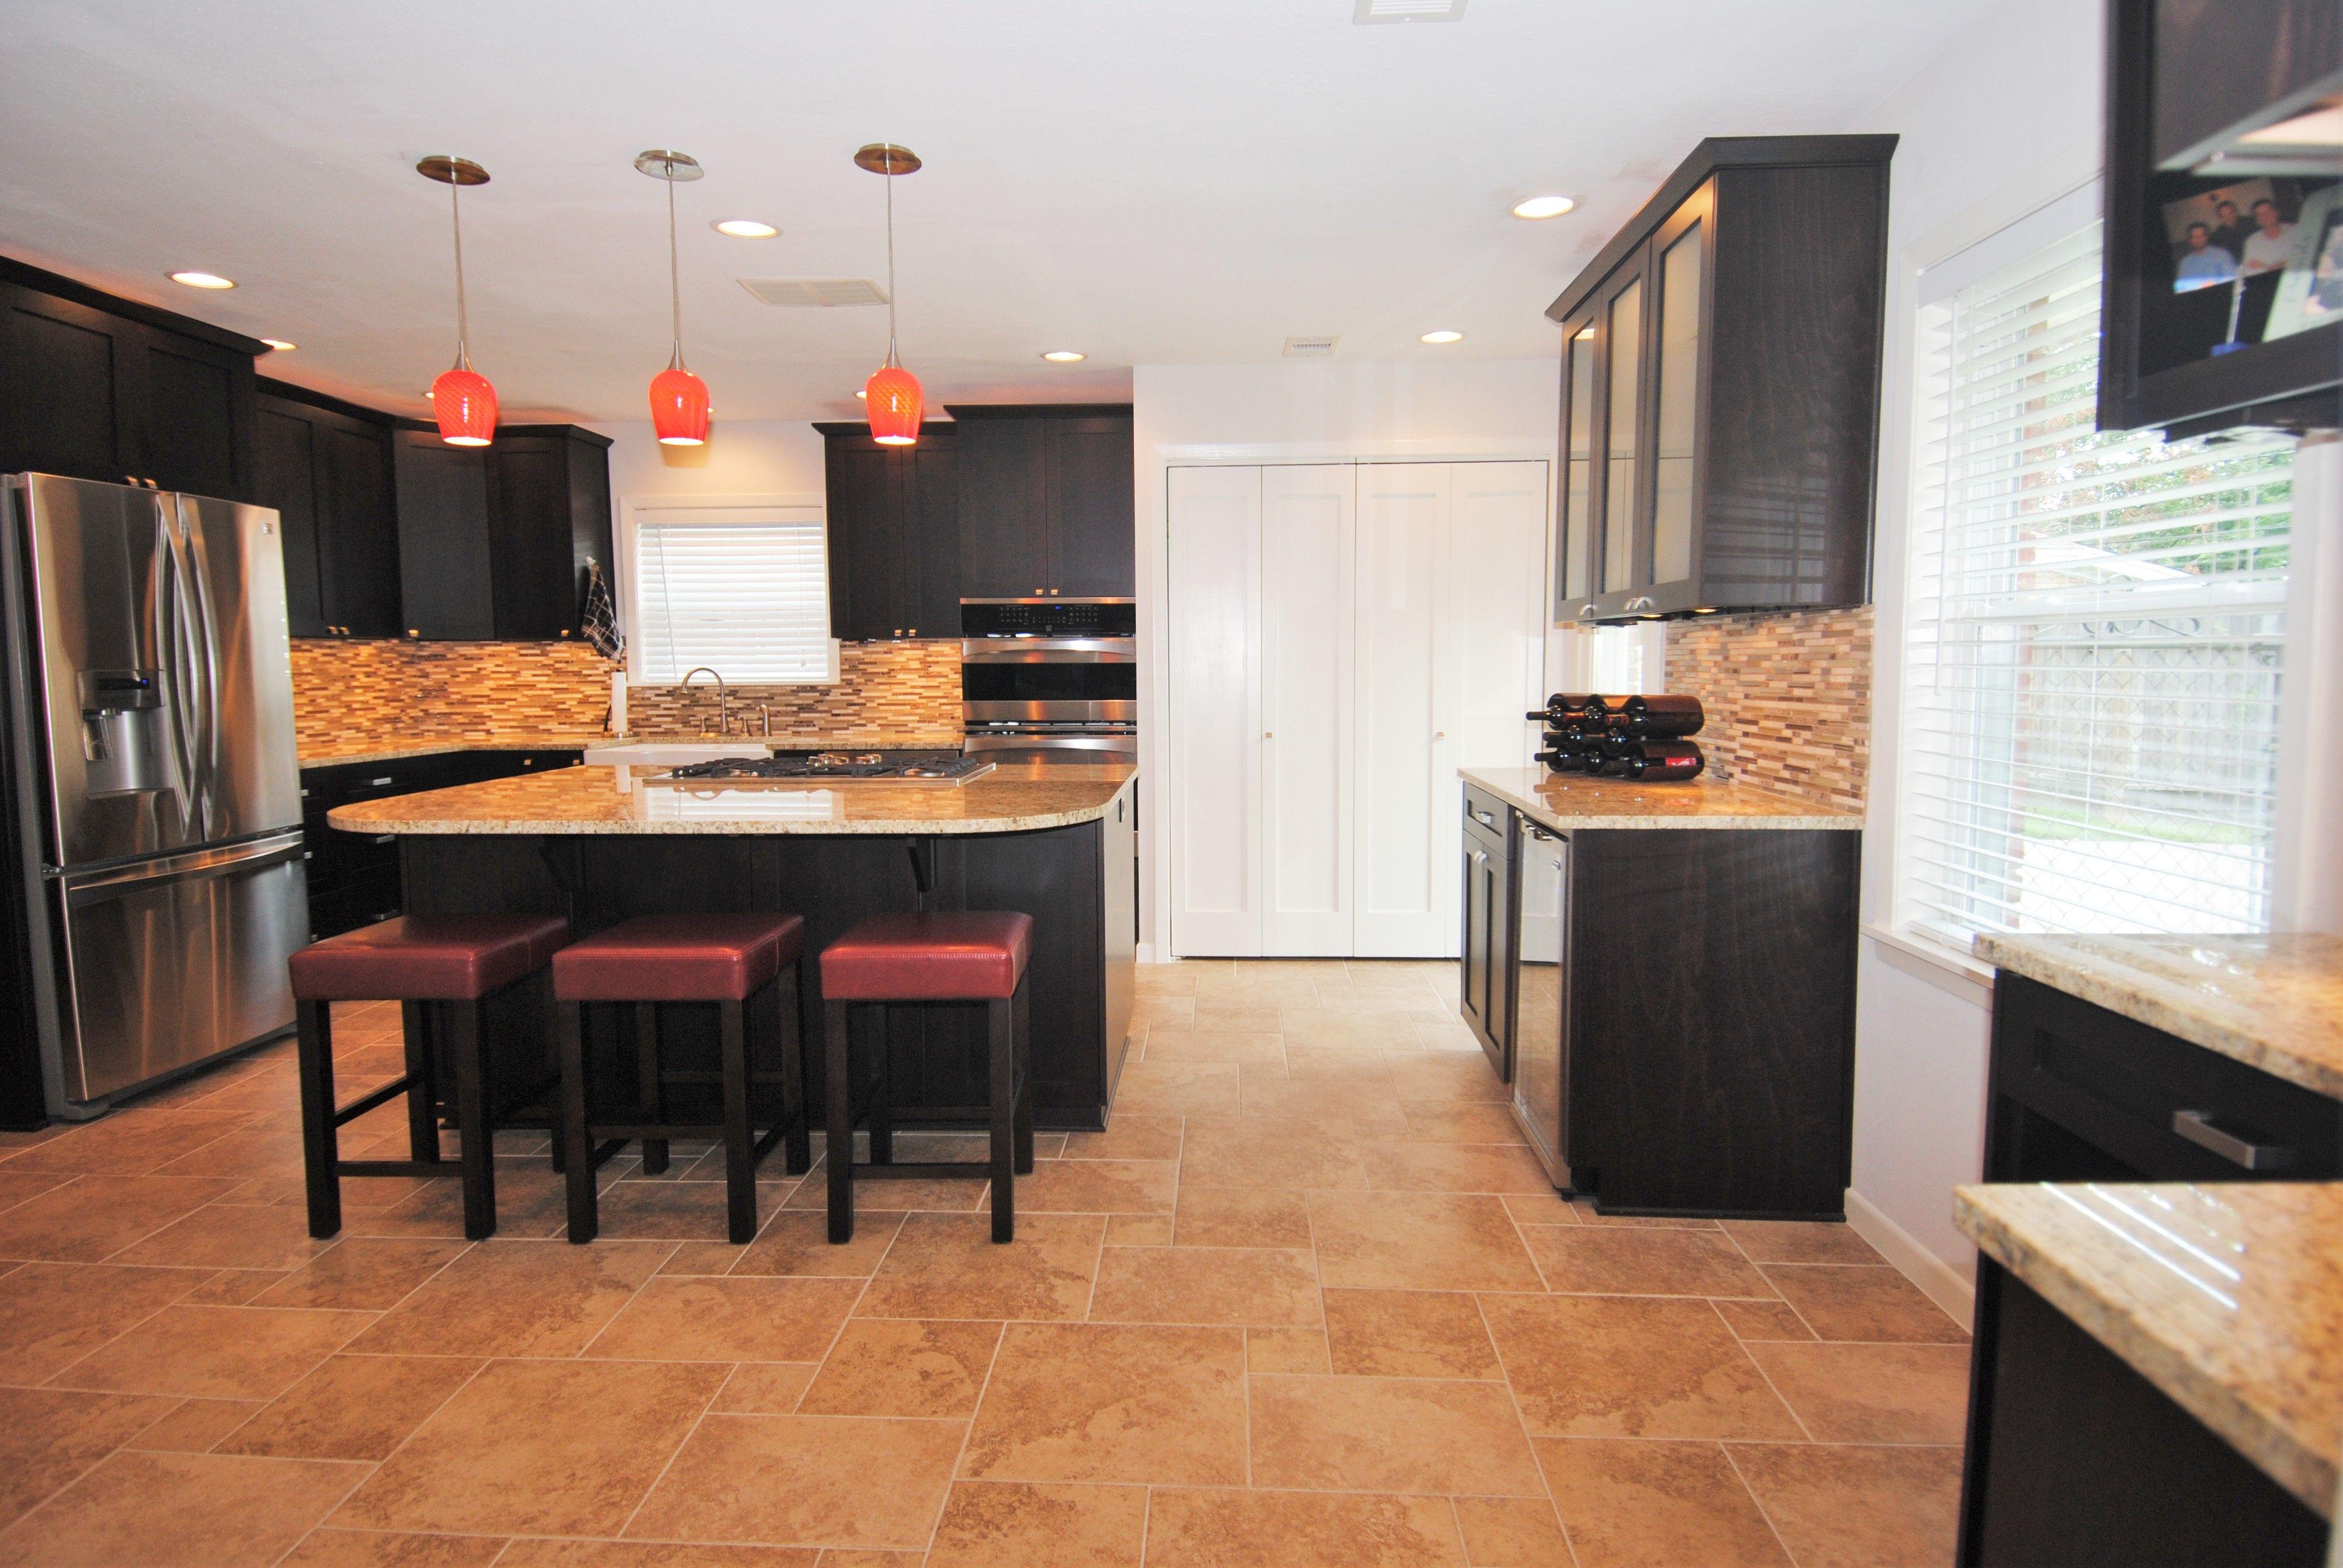 Dramatic Espresso Wood Cabinets Horizontal Backsplash Oversized Island With Cooktop Wine Frig